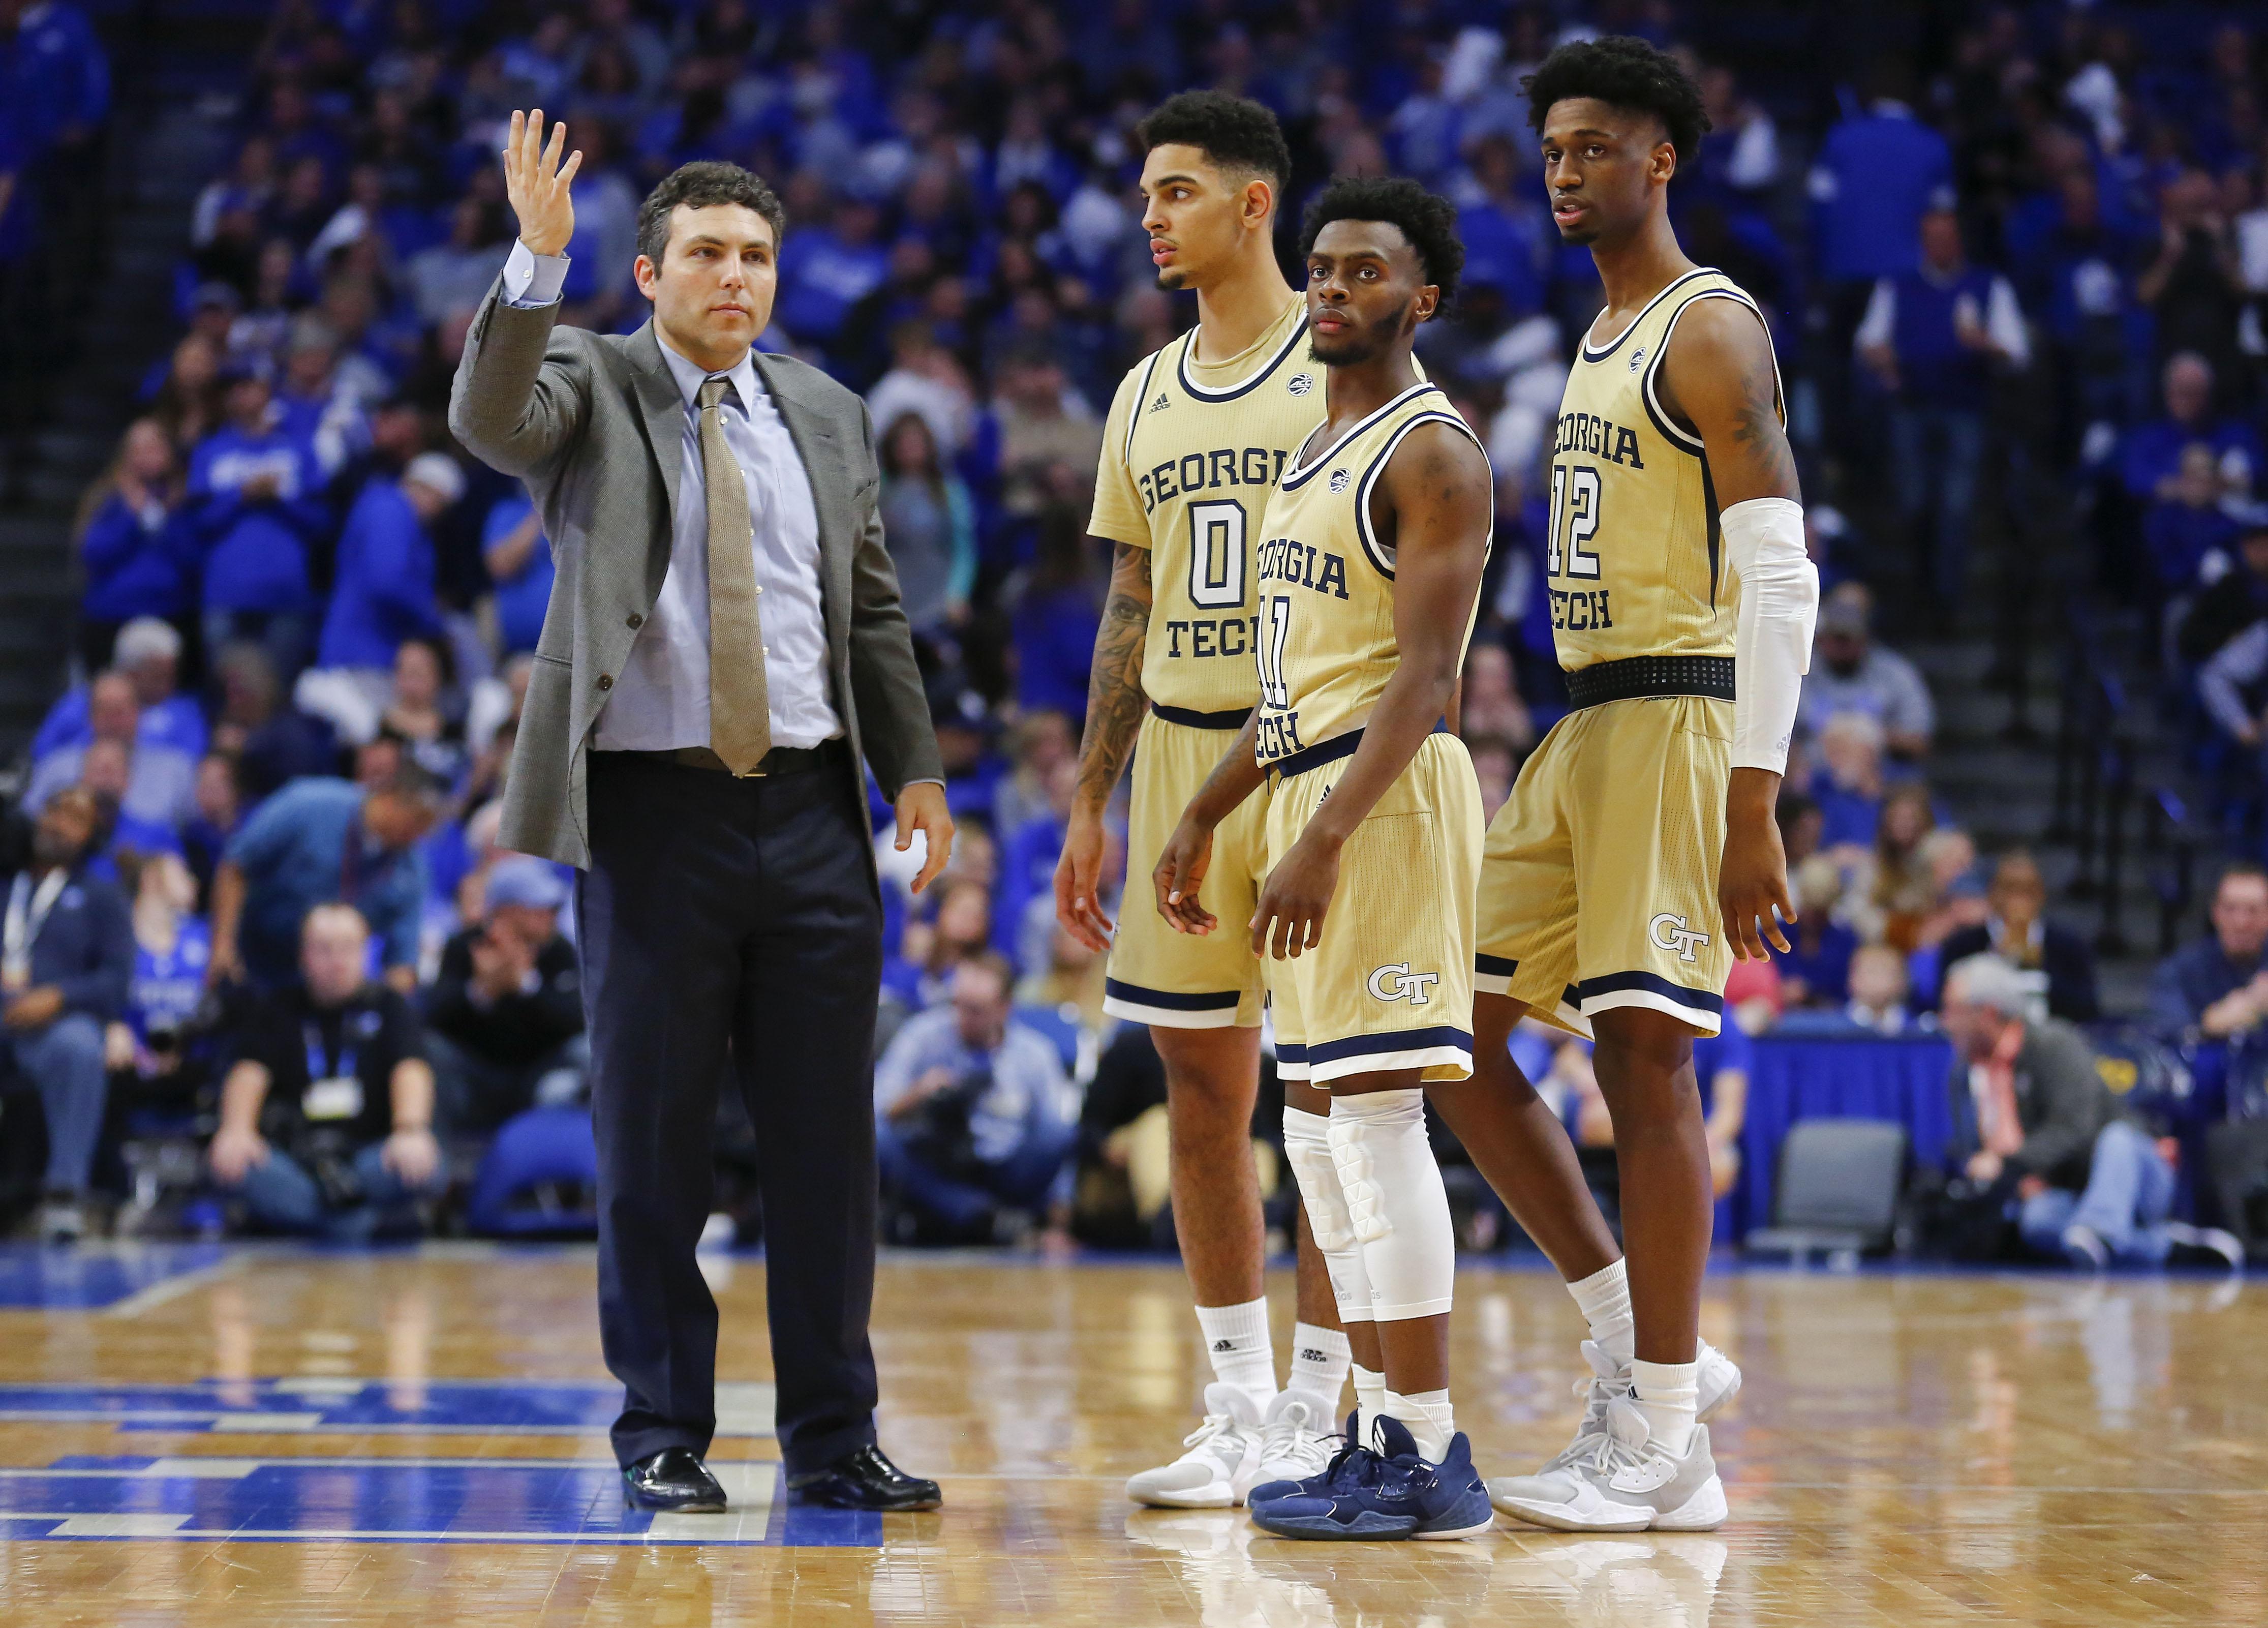 NCAA Basketball: Georgia Tech at Kentucky